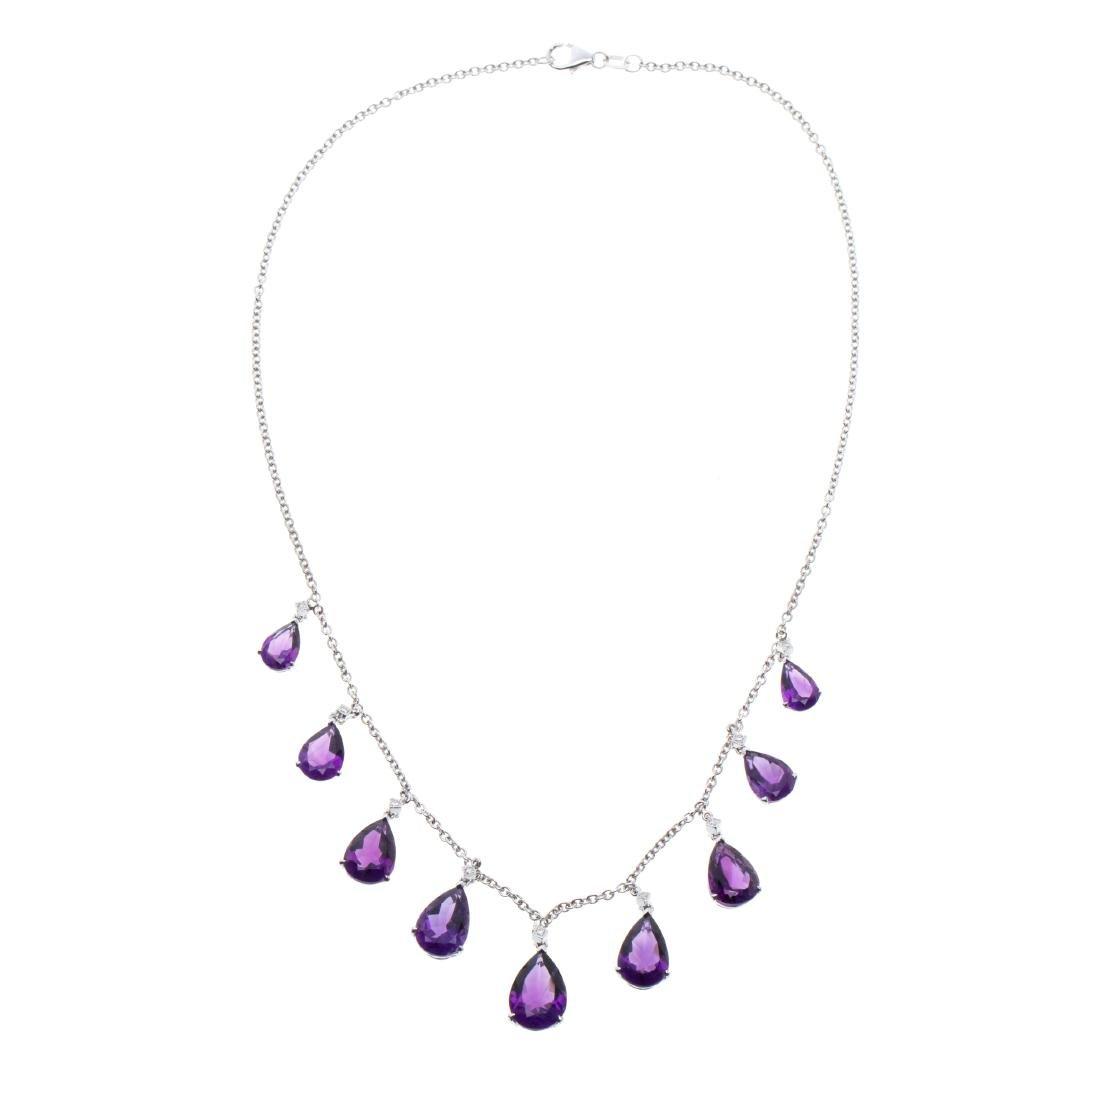 A diamond, amethyst, 18k necklace